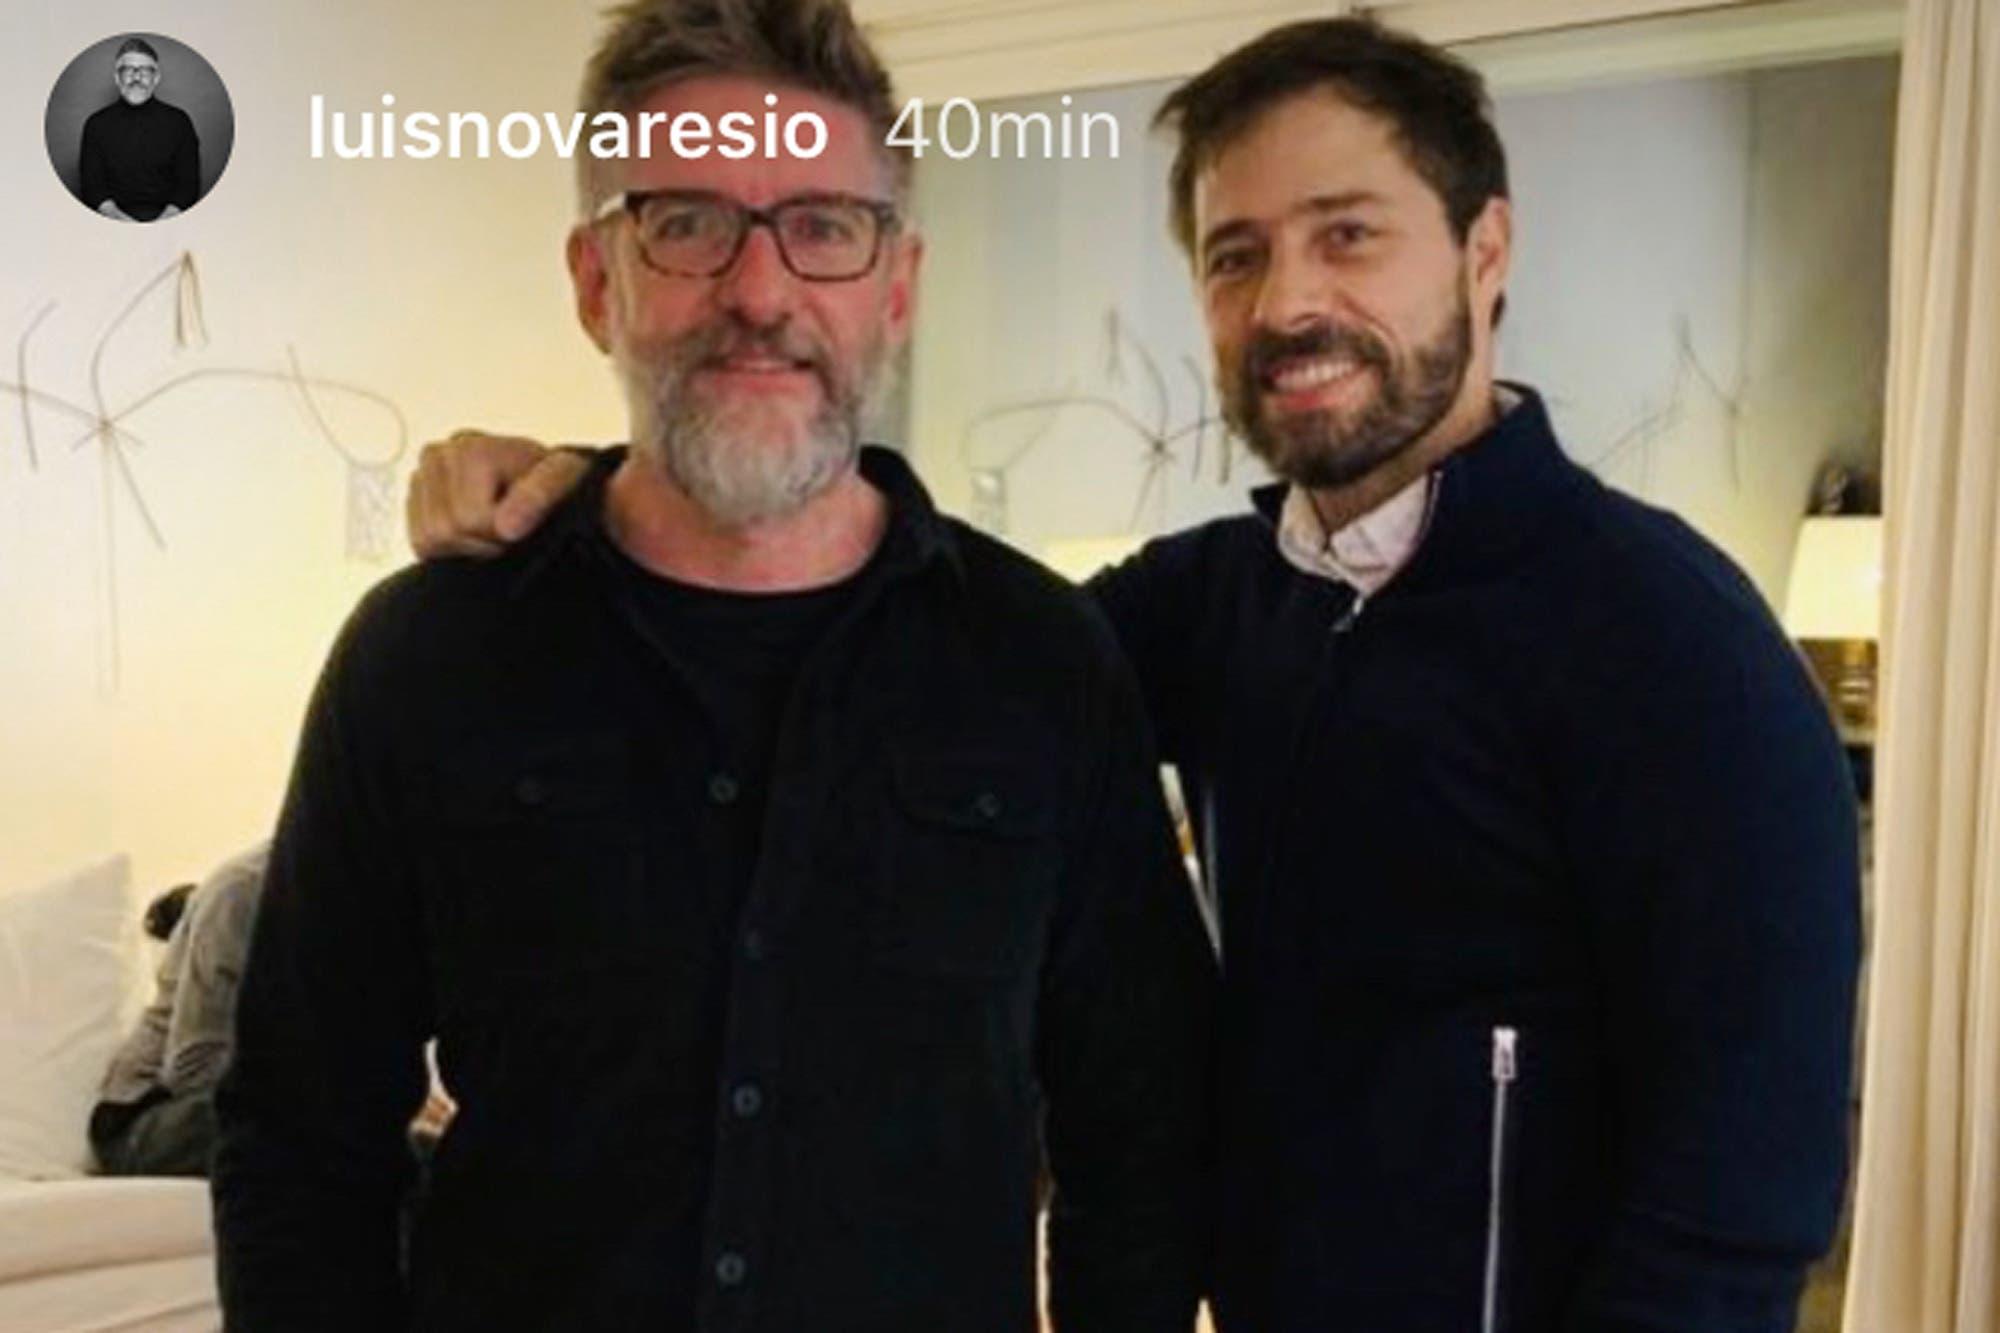 Luis Novaresio compartió una romántica foto junto a su novio, Brailio Bauab